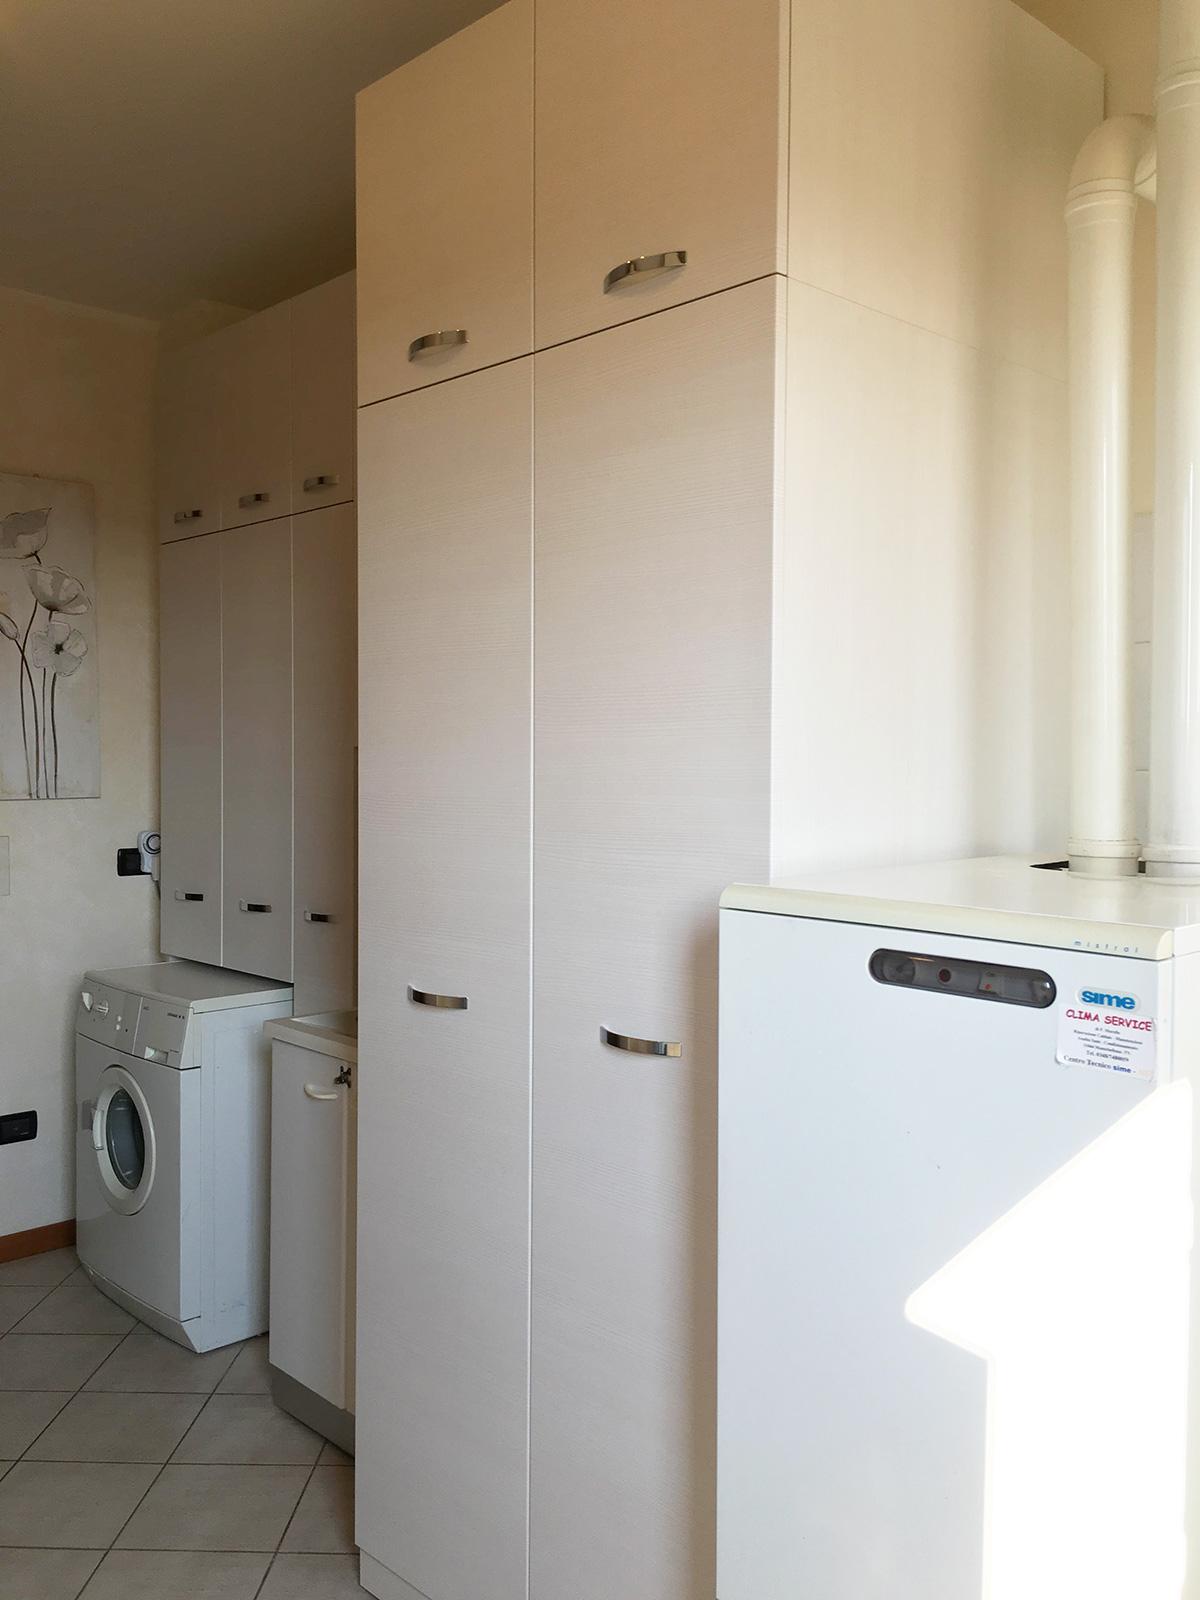 Abitazione privata a pederiva di montebelluna cucina for Arredamenti montebelluna